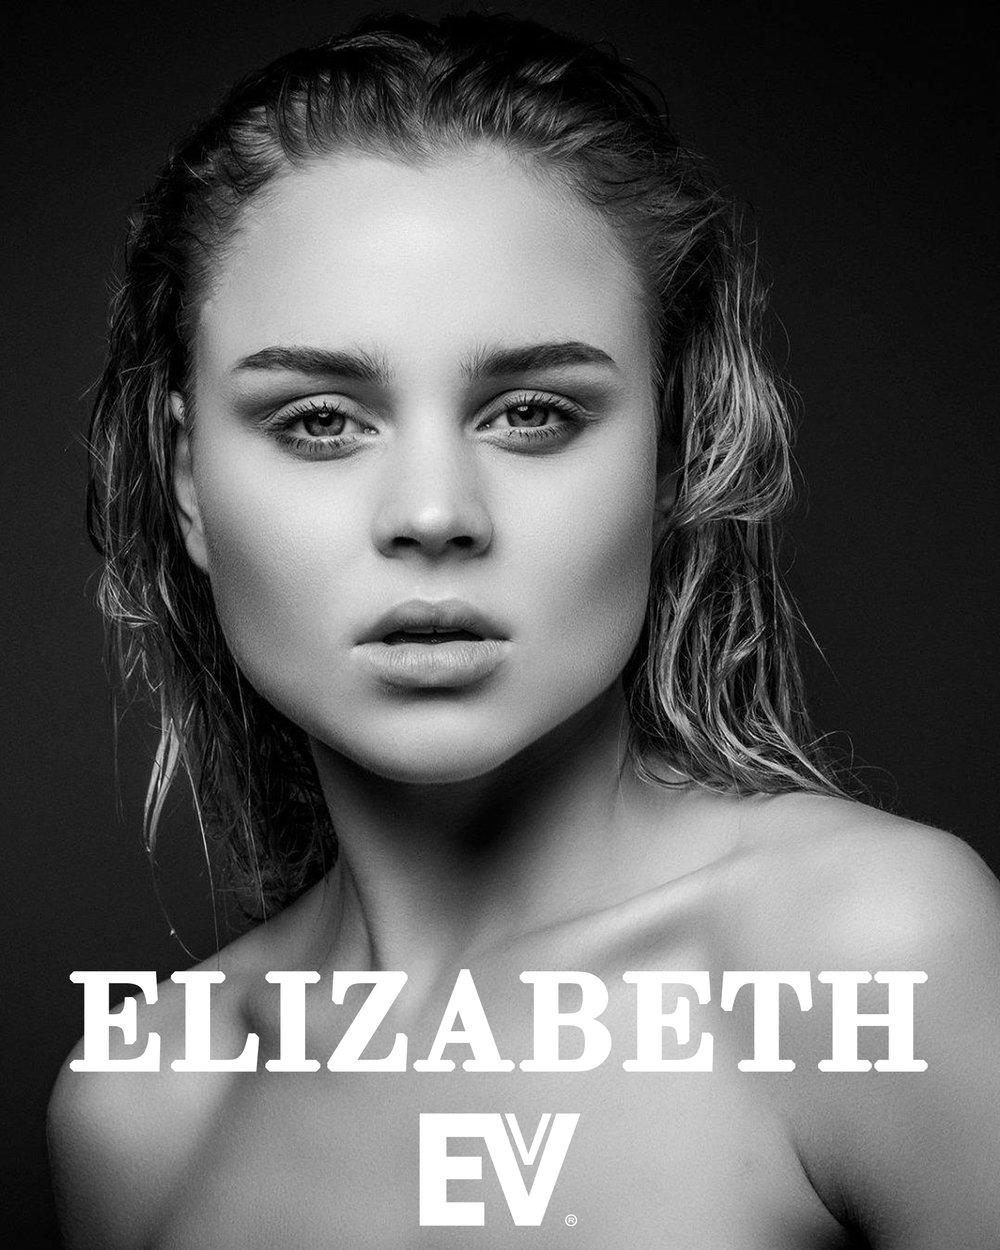 Elizabeth 1.jpg